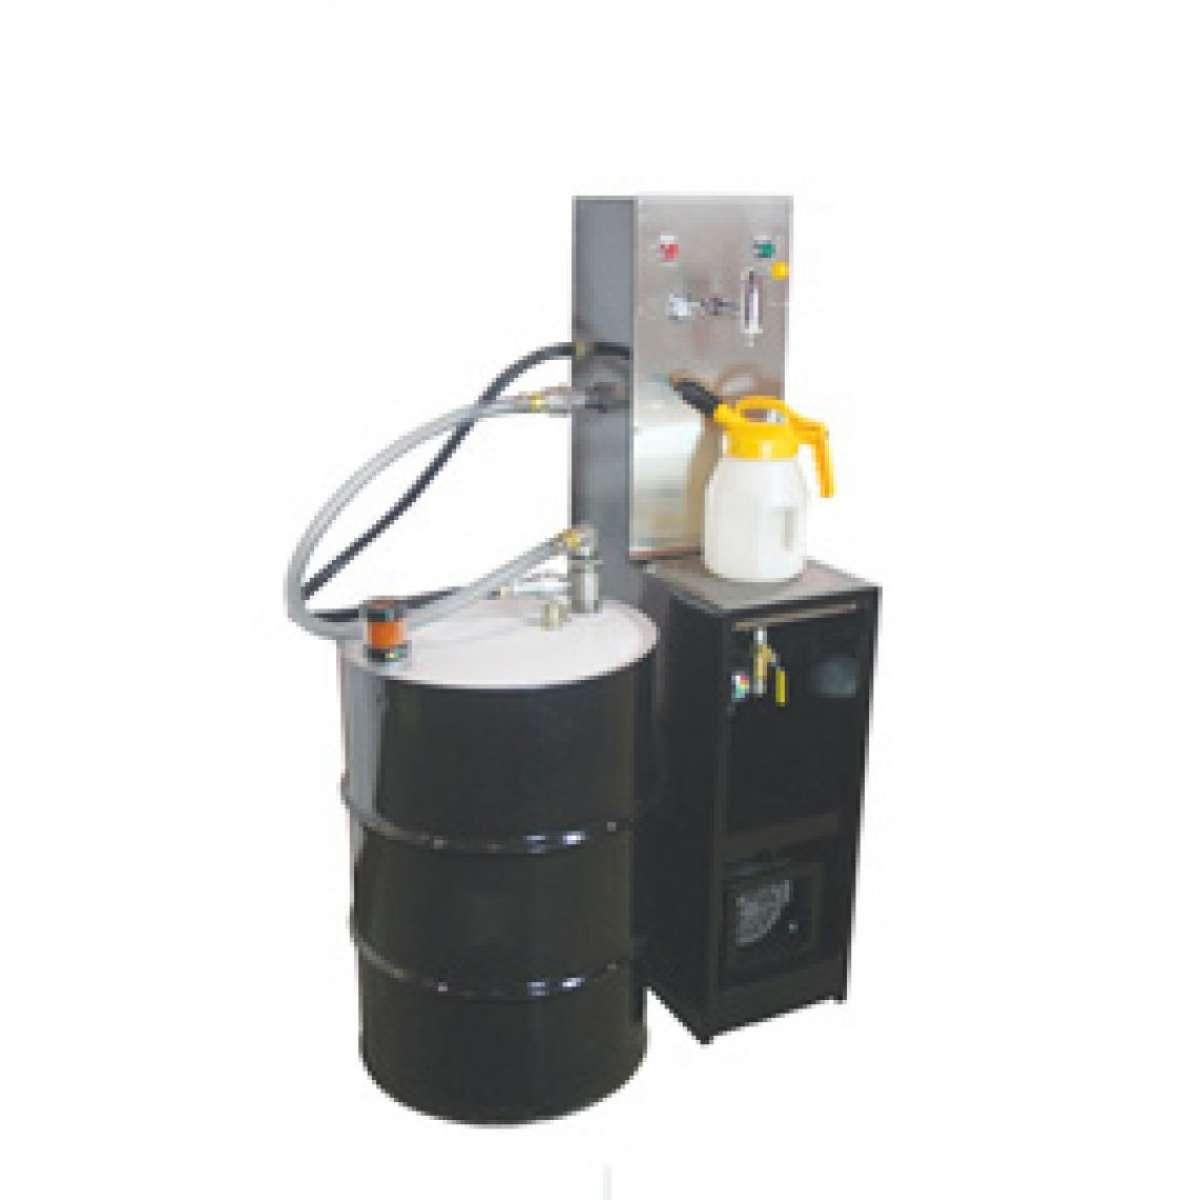 110V 55 Gallon Drum Work Station